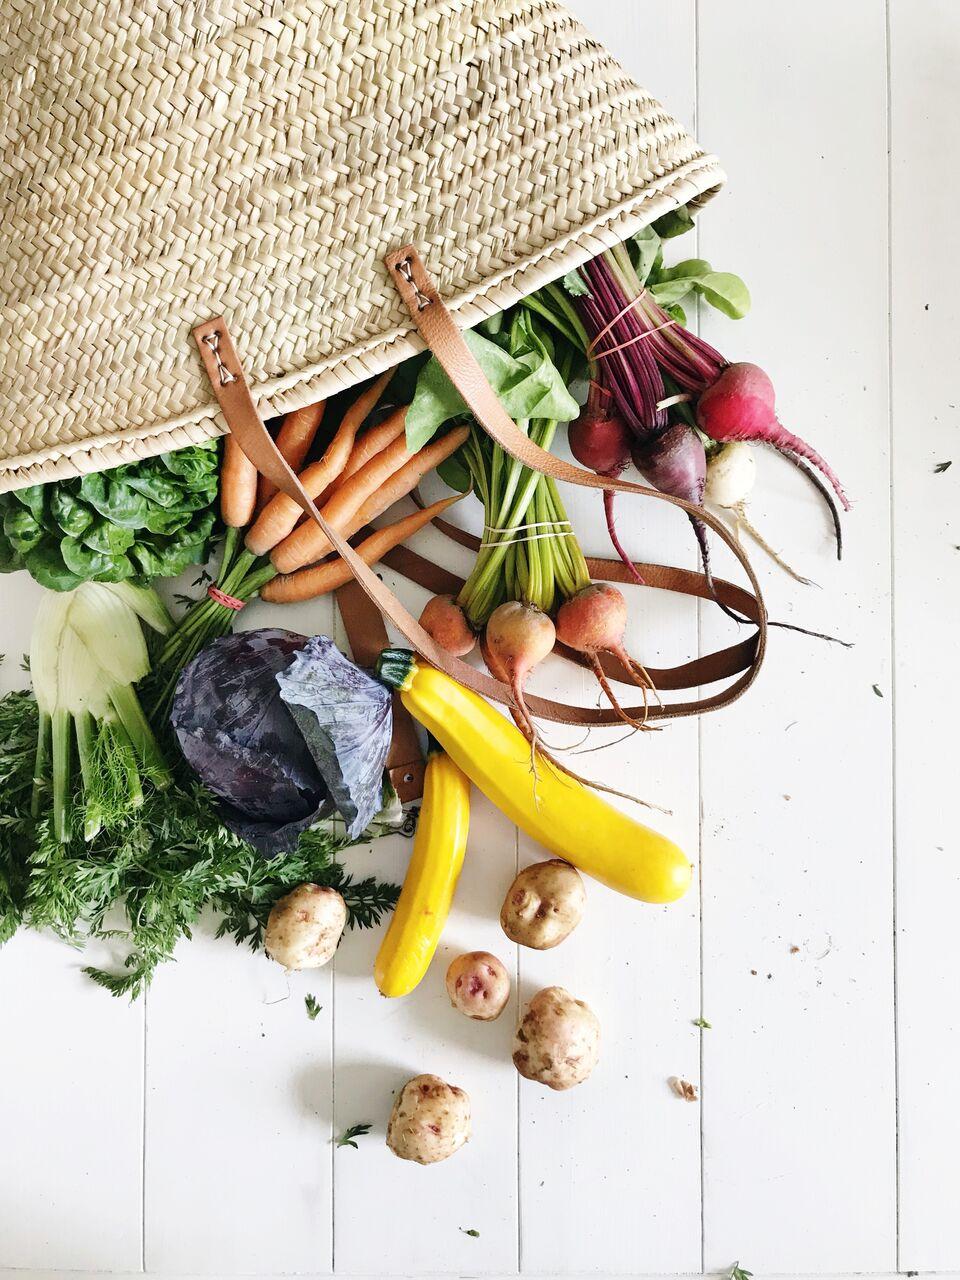 Farmer's Basket full of veggies - so healthy!